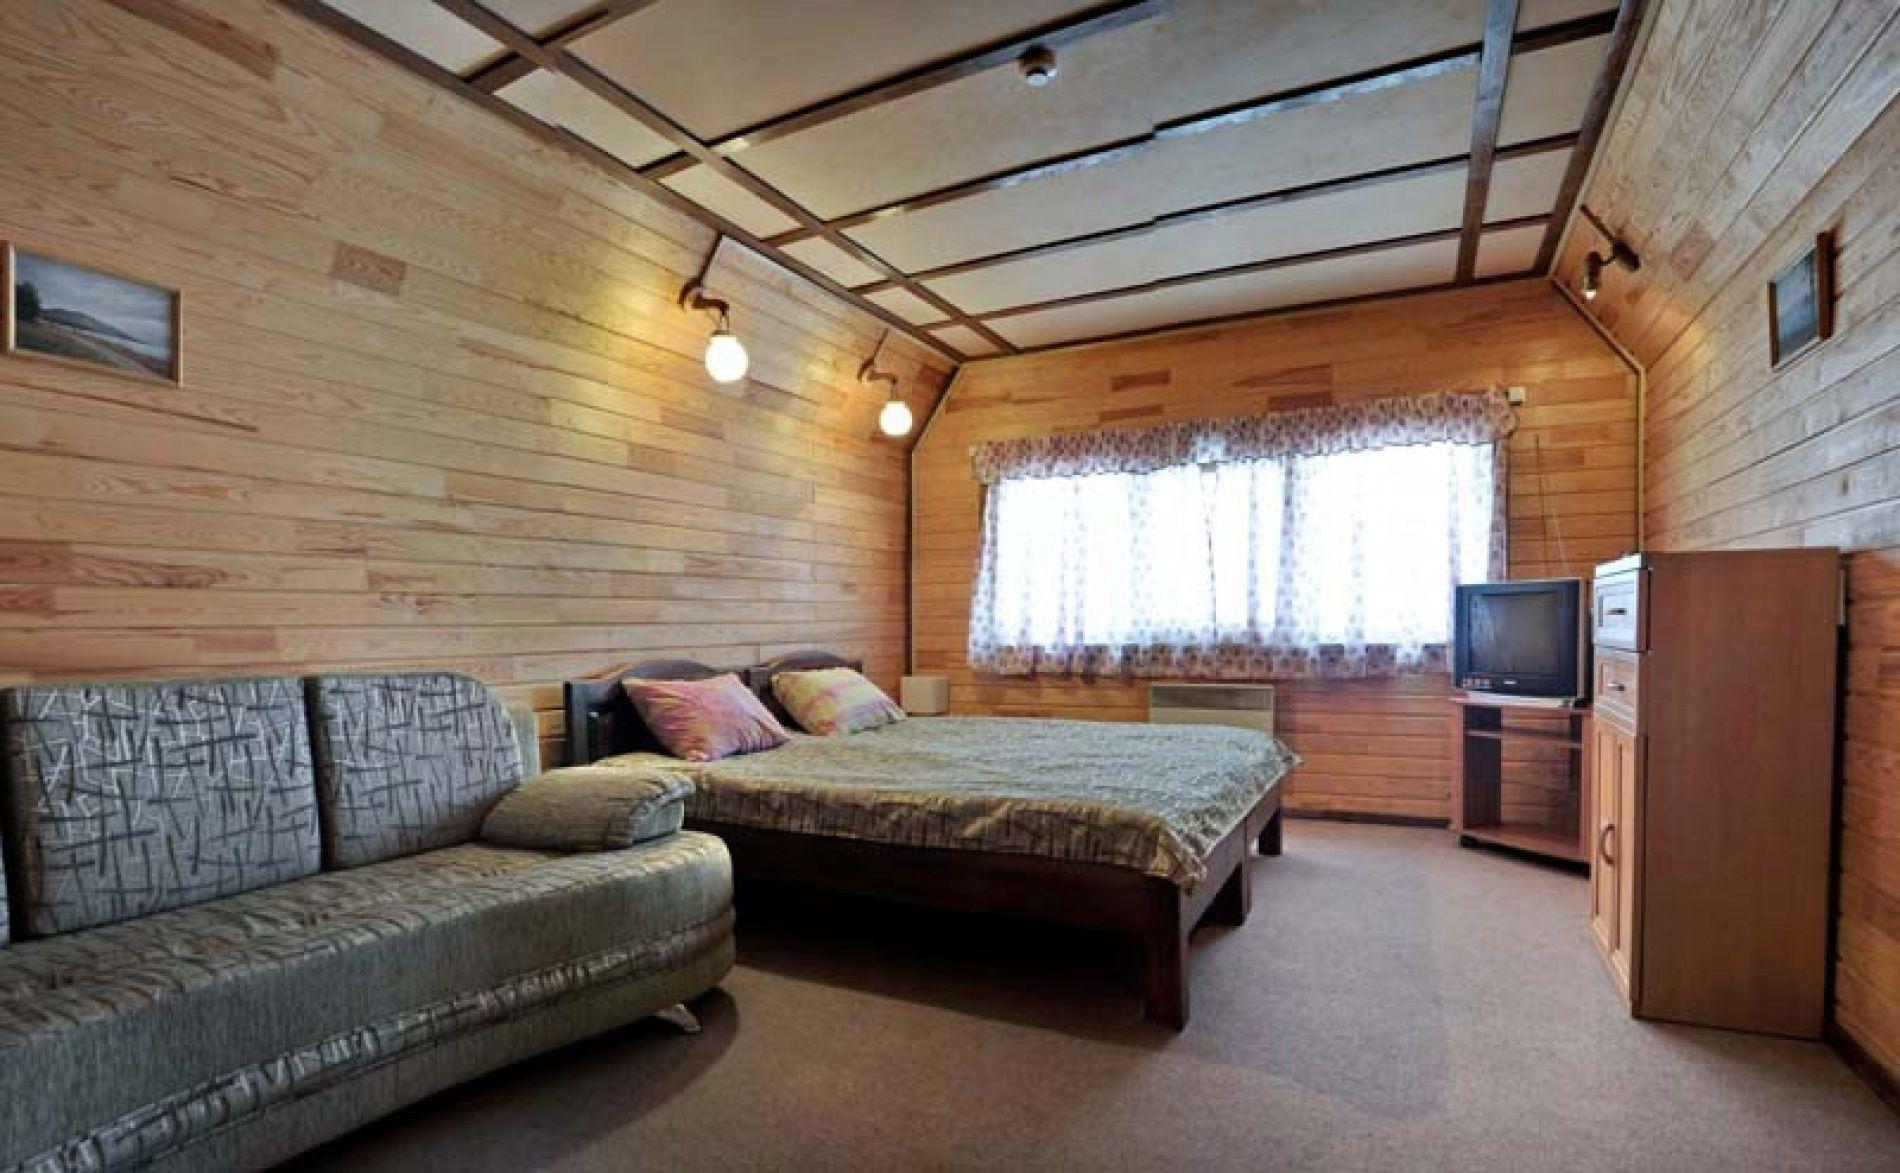 Гостиница «Мельница» Иркутская область Апартаменты 2-комнатные, фото 2